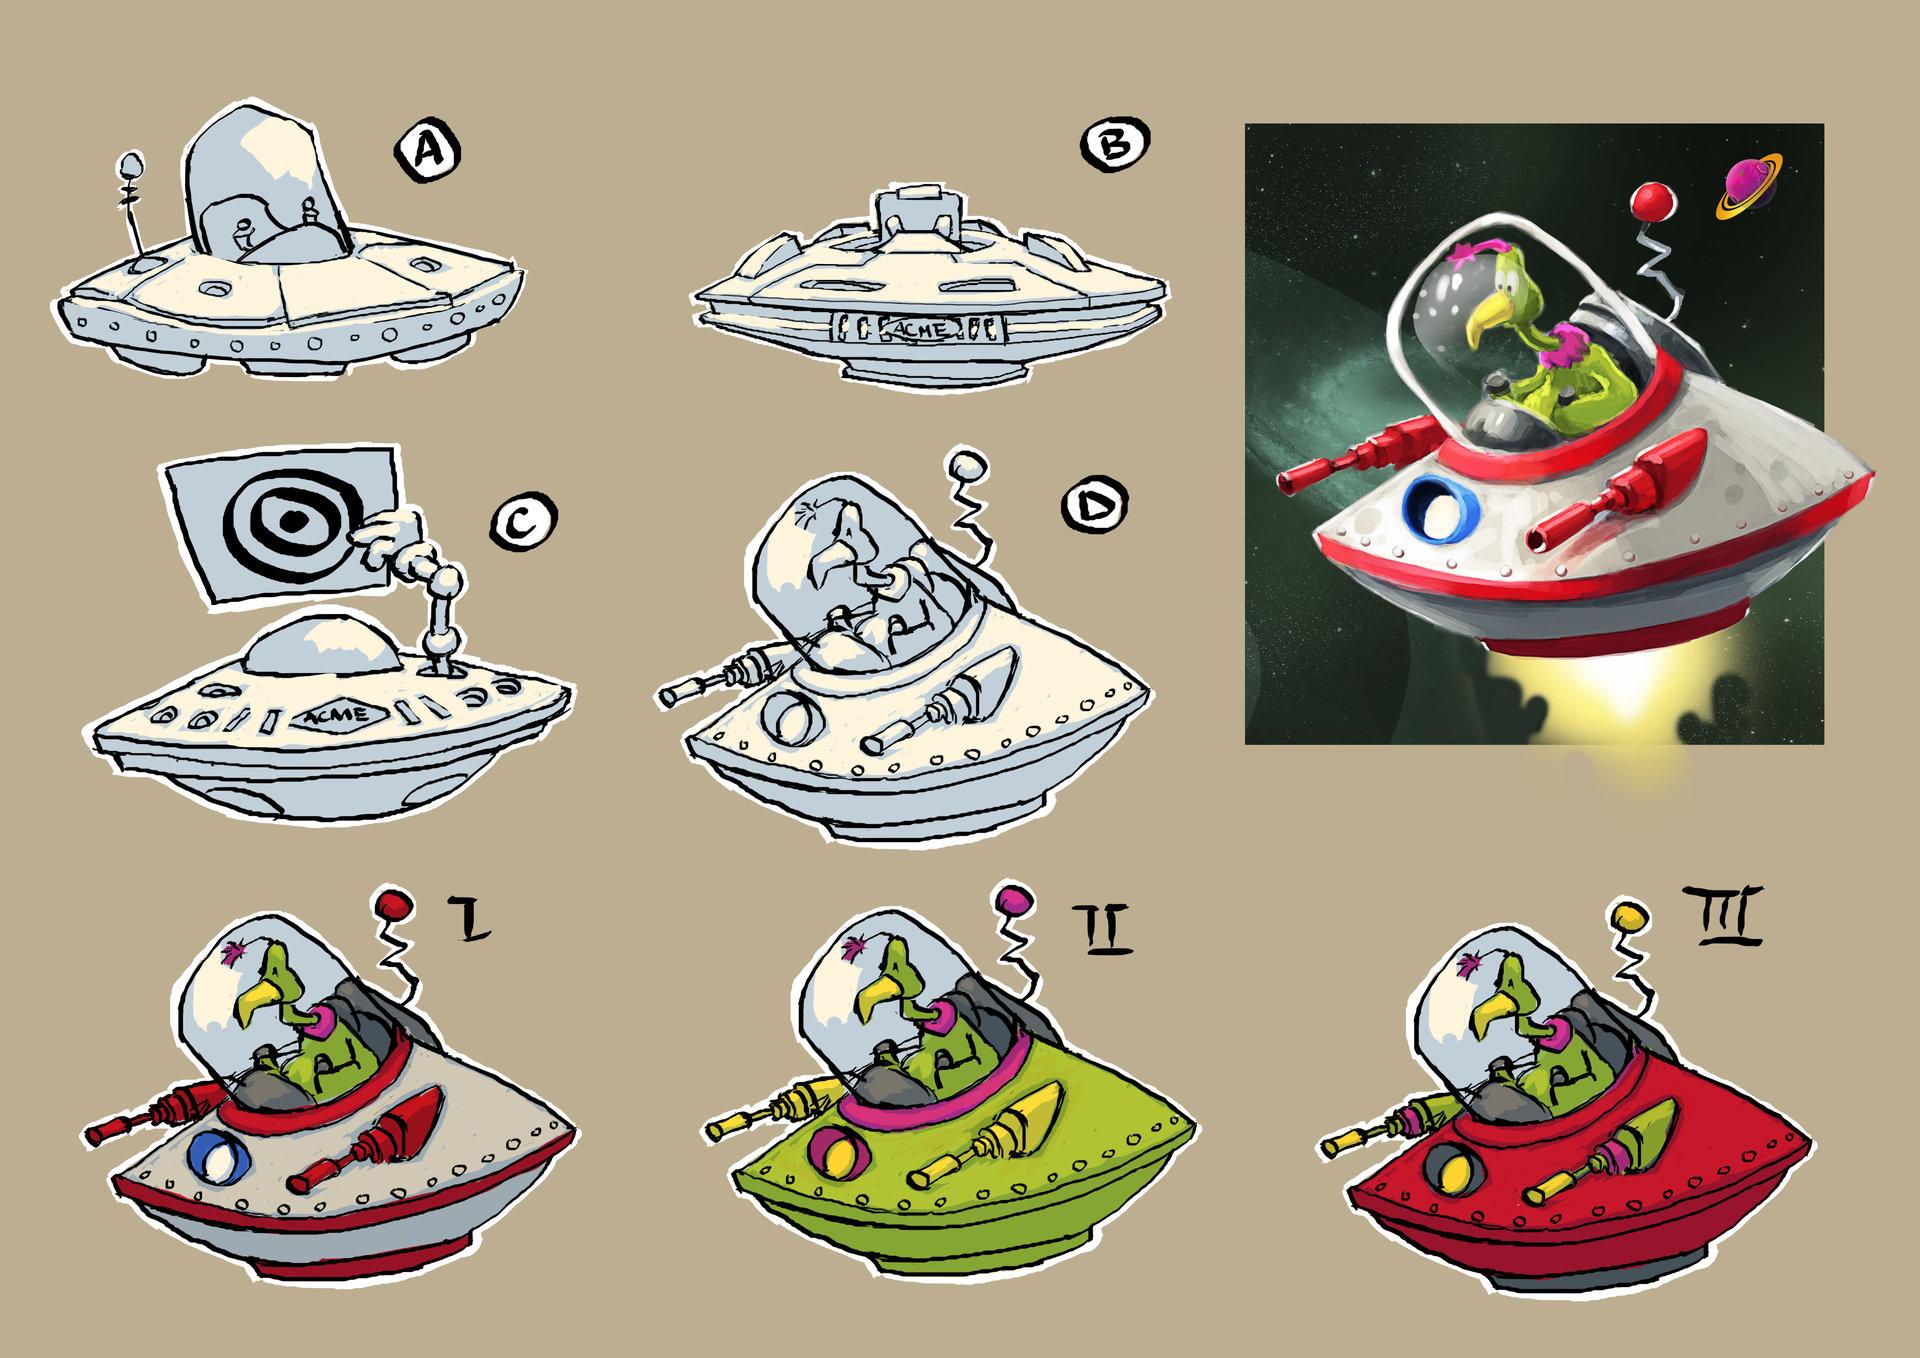 Edu alonso lt flying saucer 01